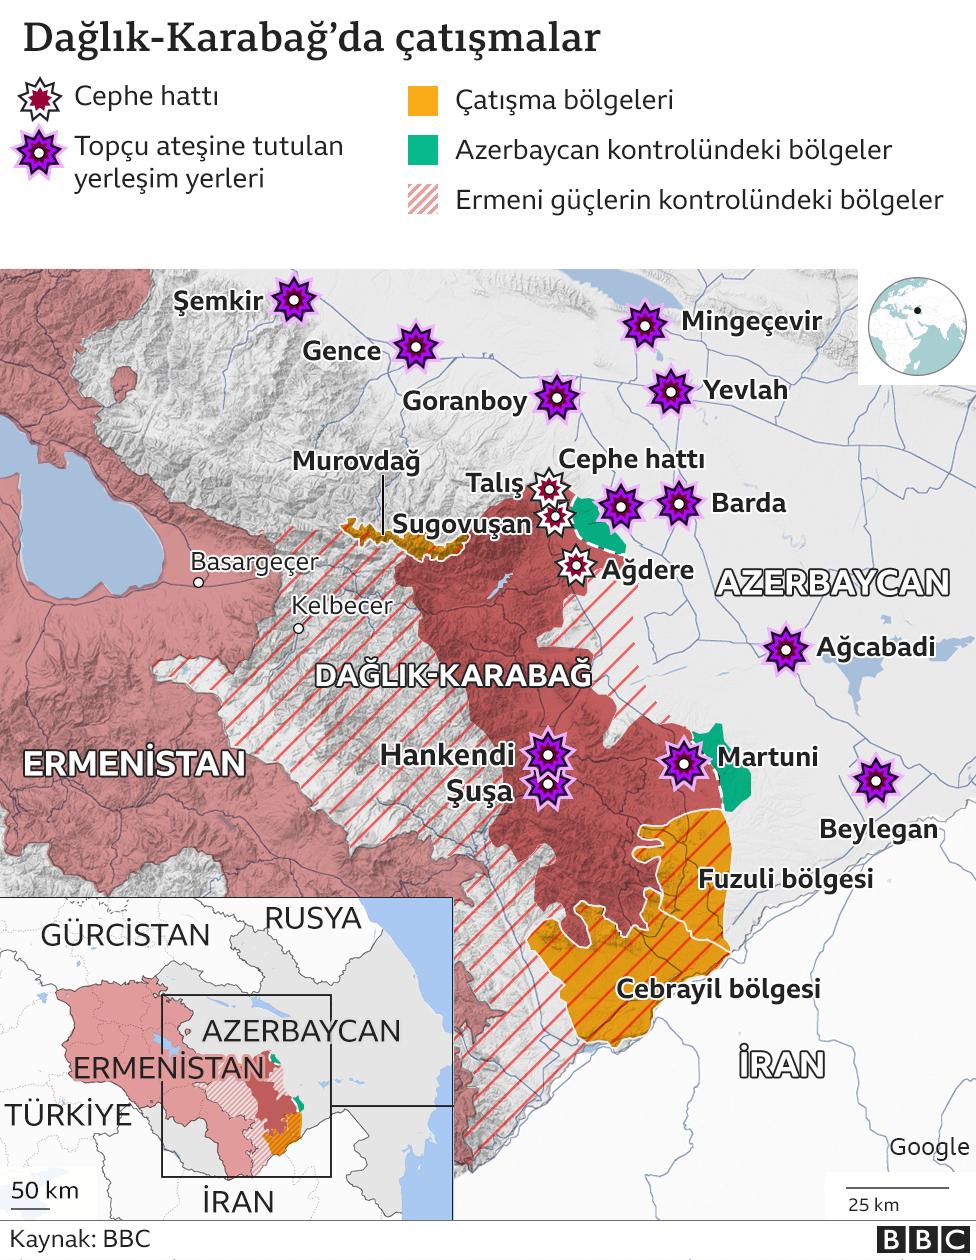 Dağık Karabağ haritası